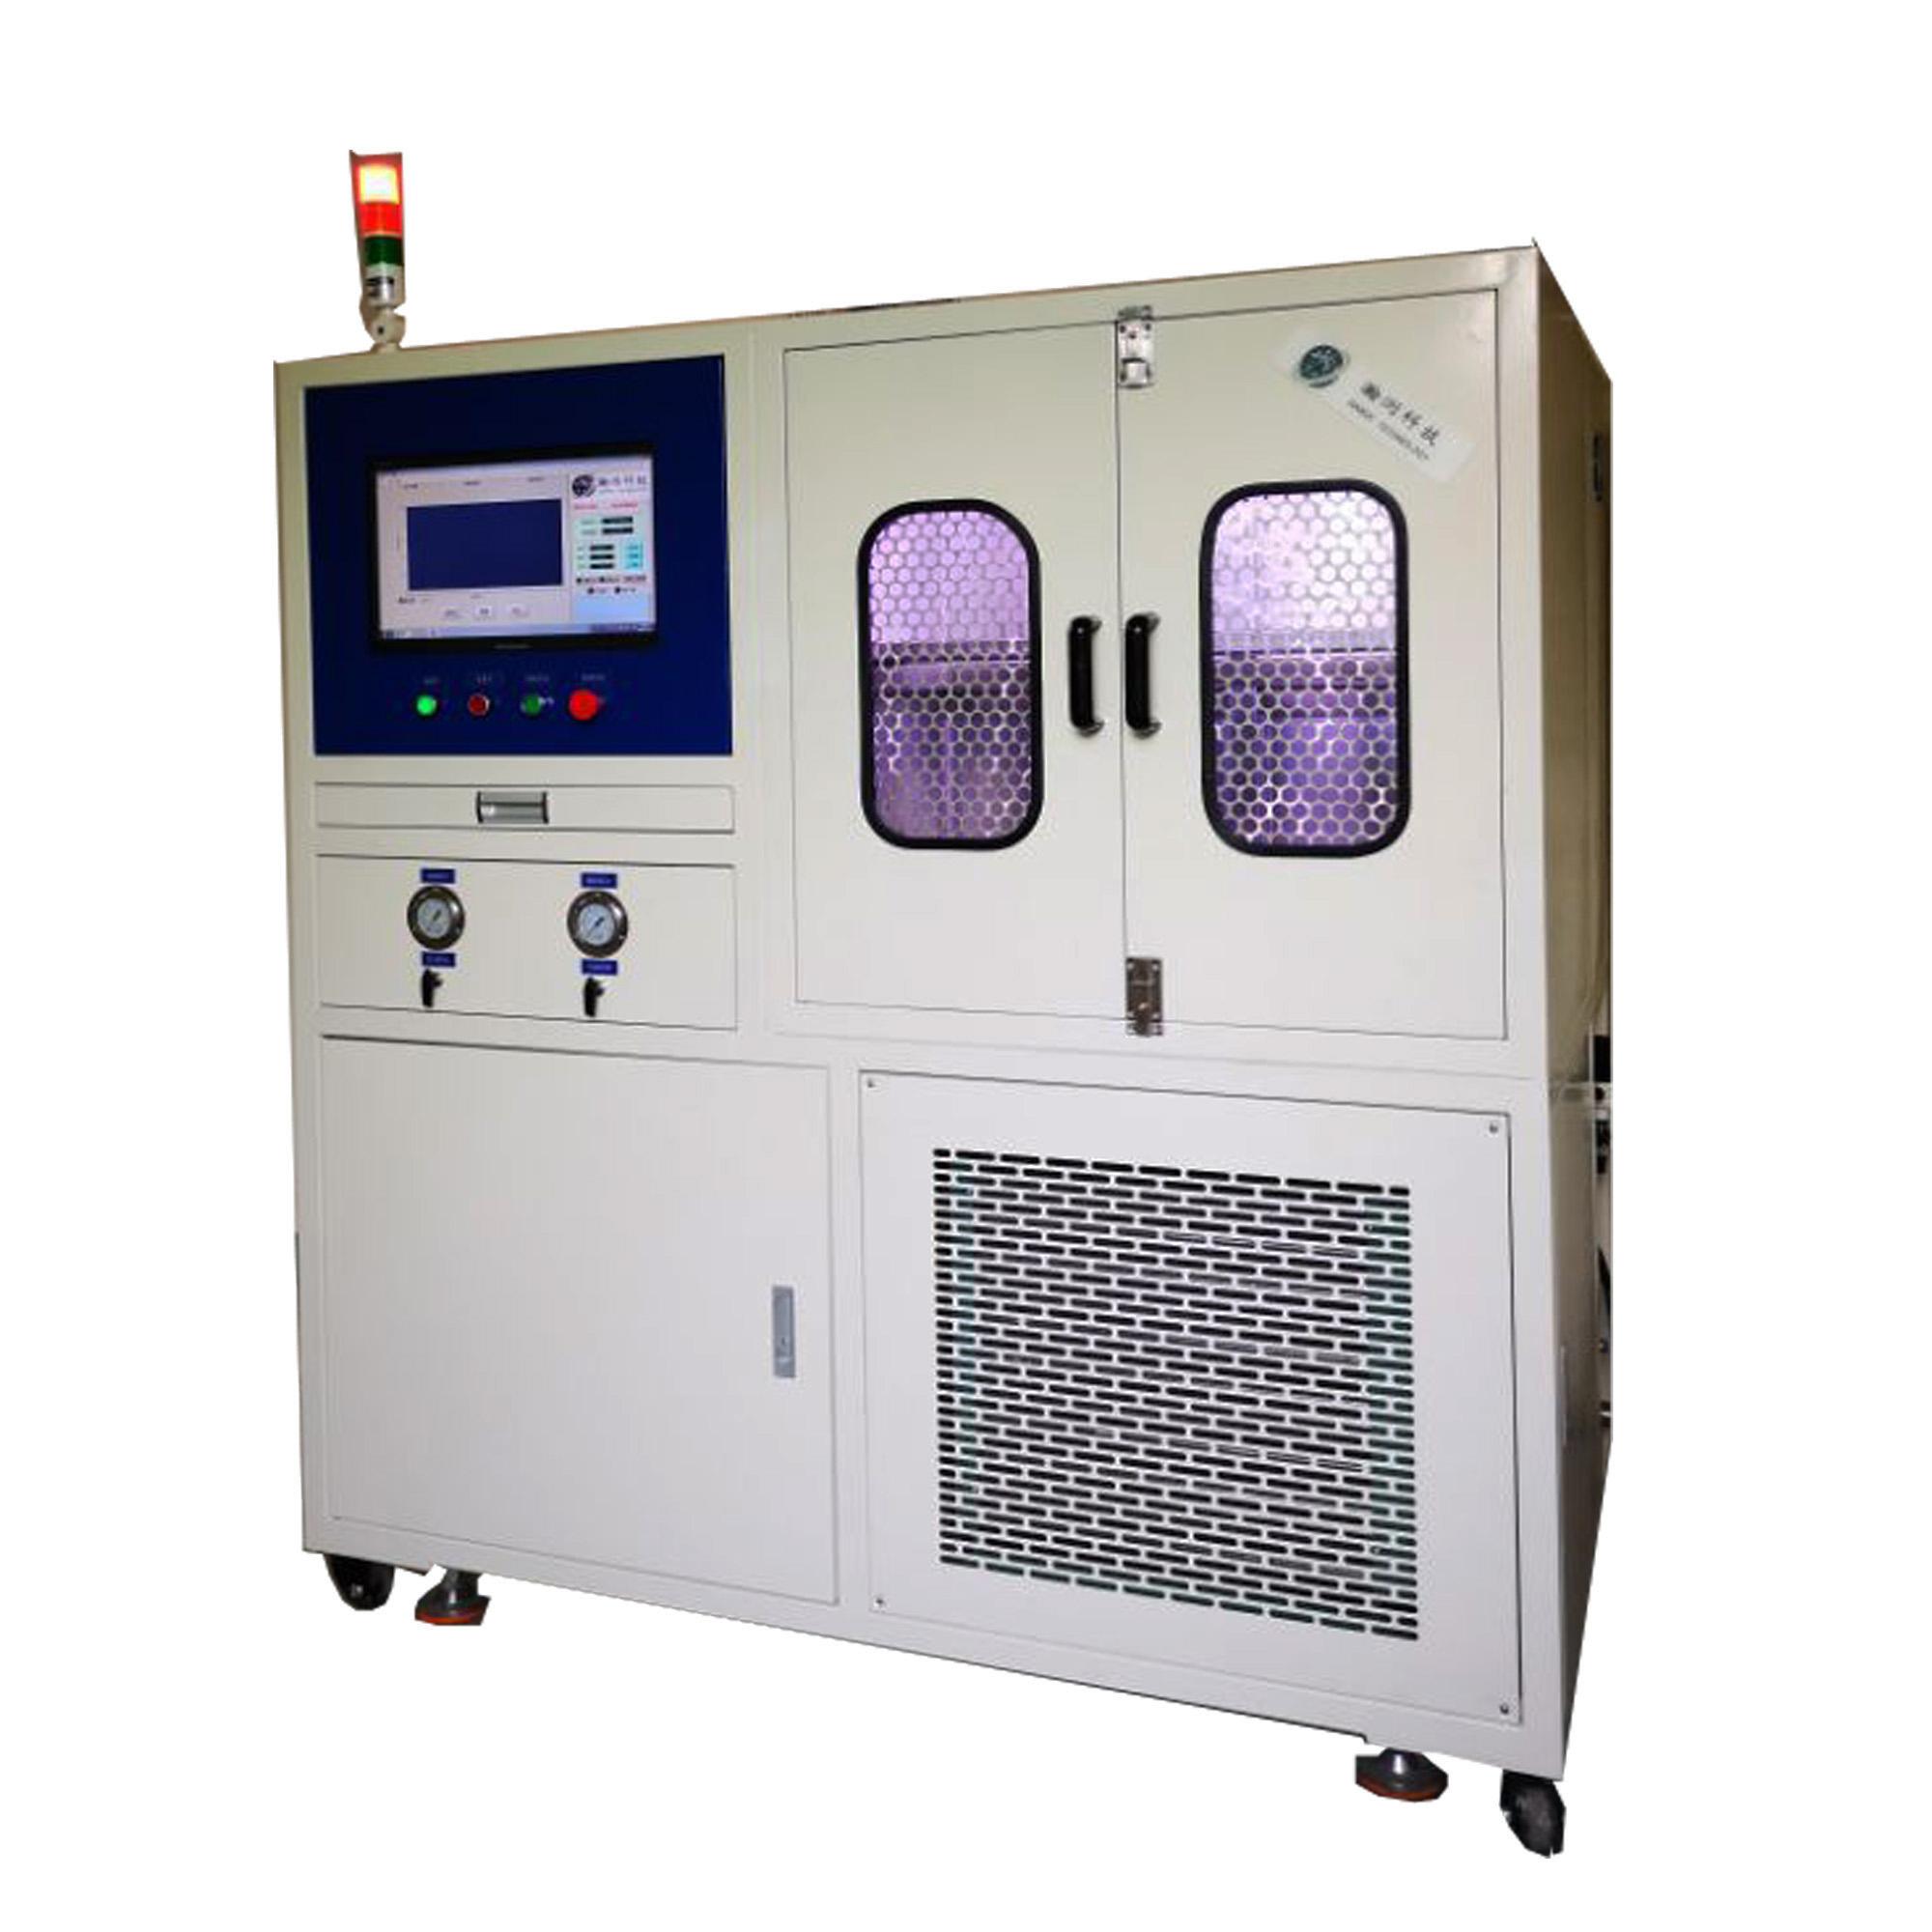 贵阳油压脉冲试验机厂家_气液增压泵哪家好